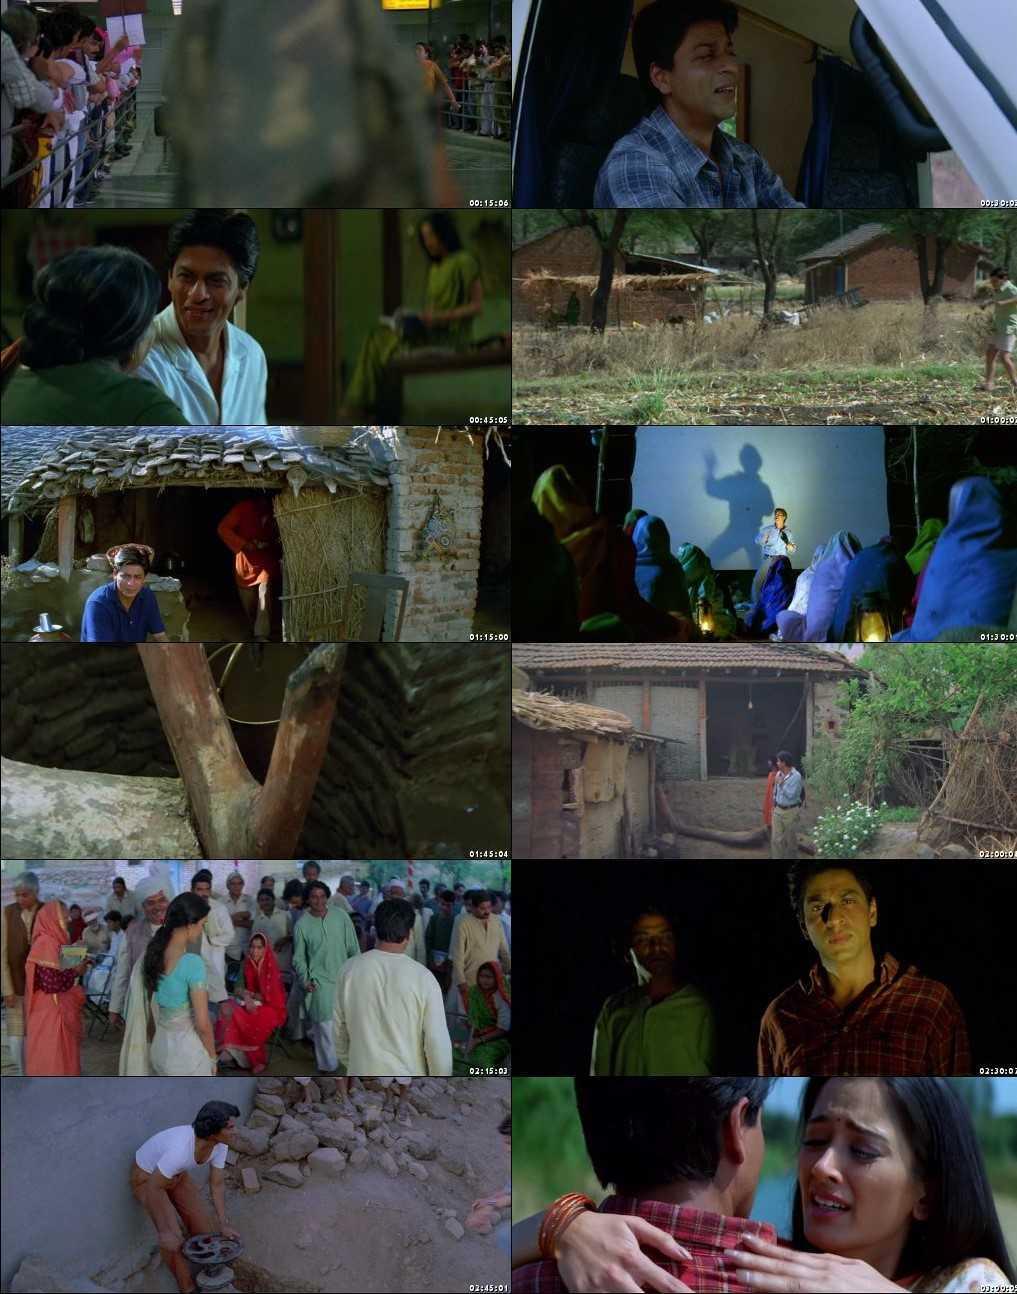 Swades 2004 Screenshot 1080p